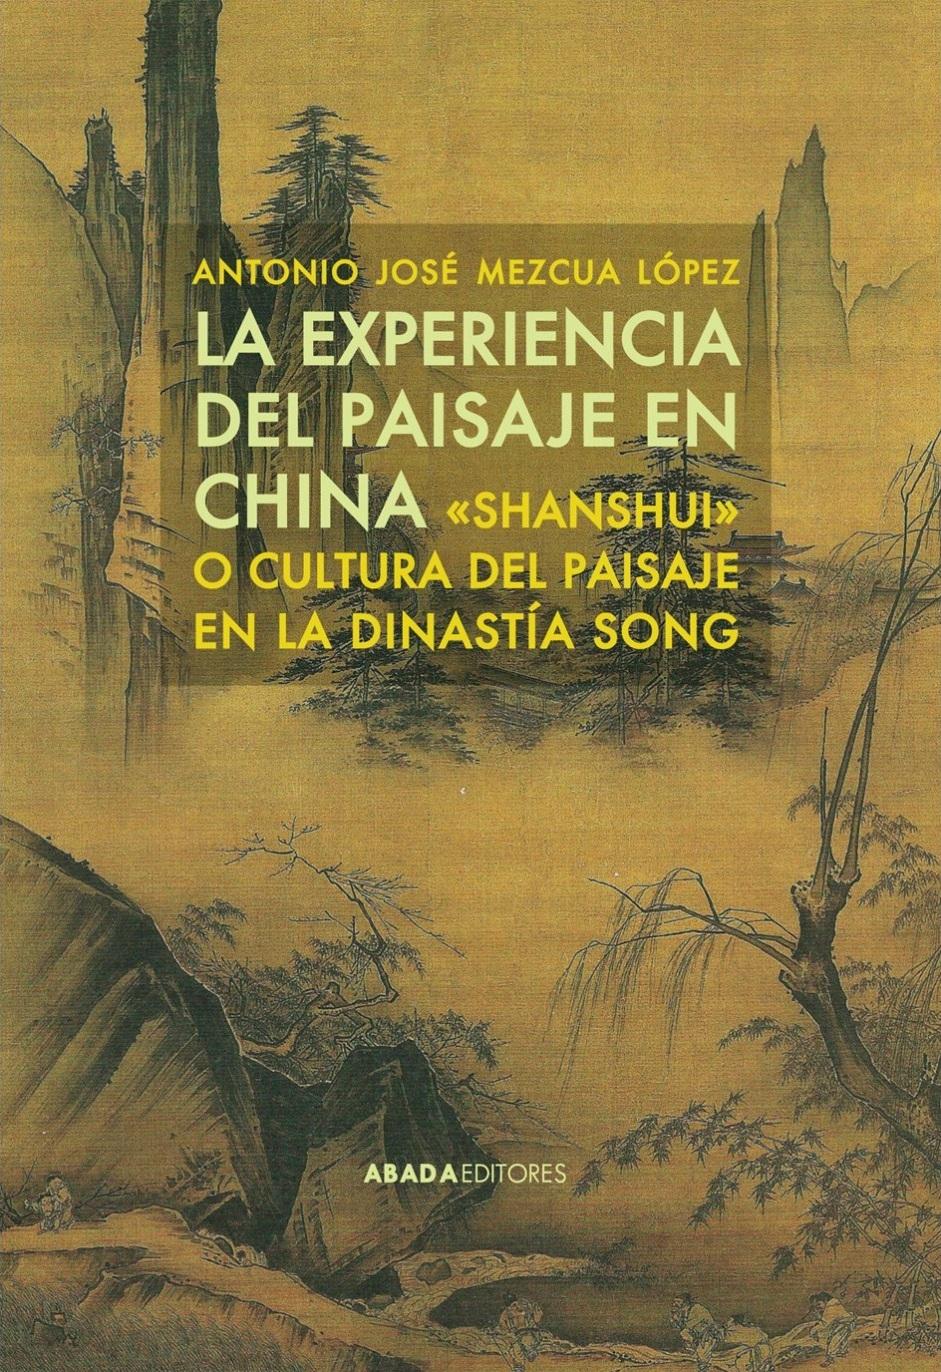 """La experiencia del paisaje en China: """"Shanshui"""" o cultura del paisaje en la dinastía Song"""